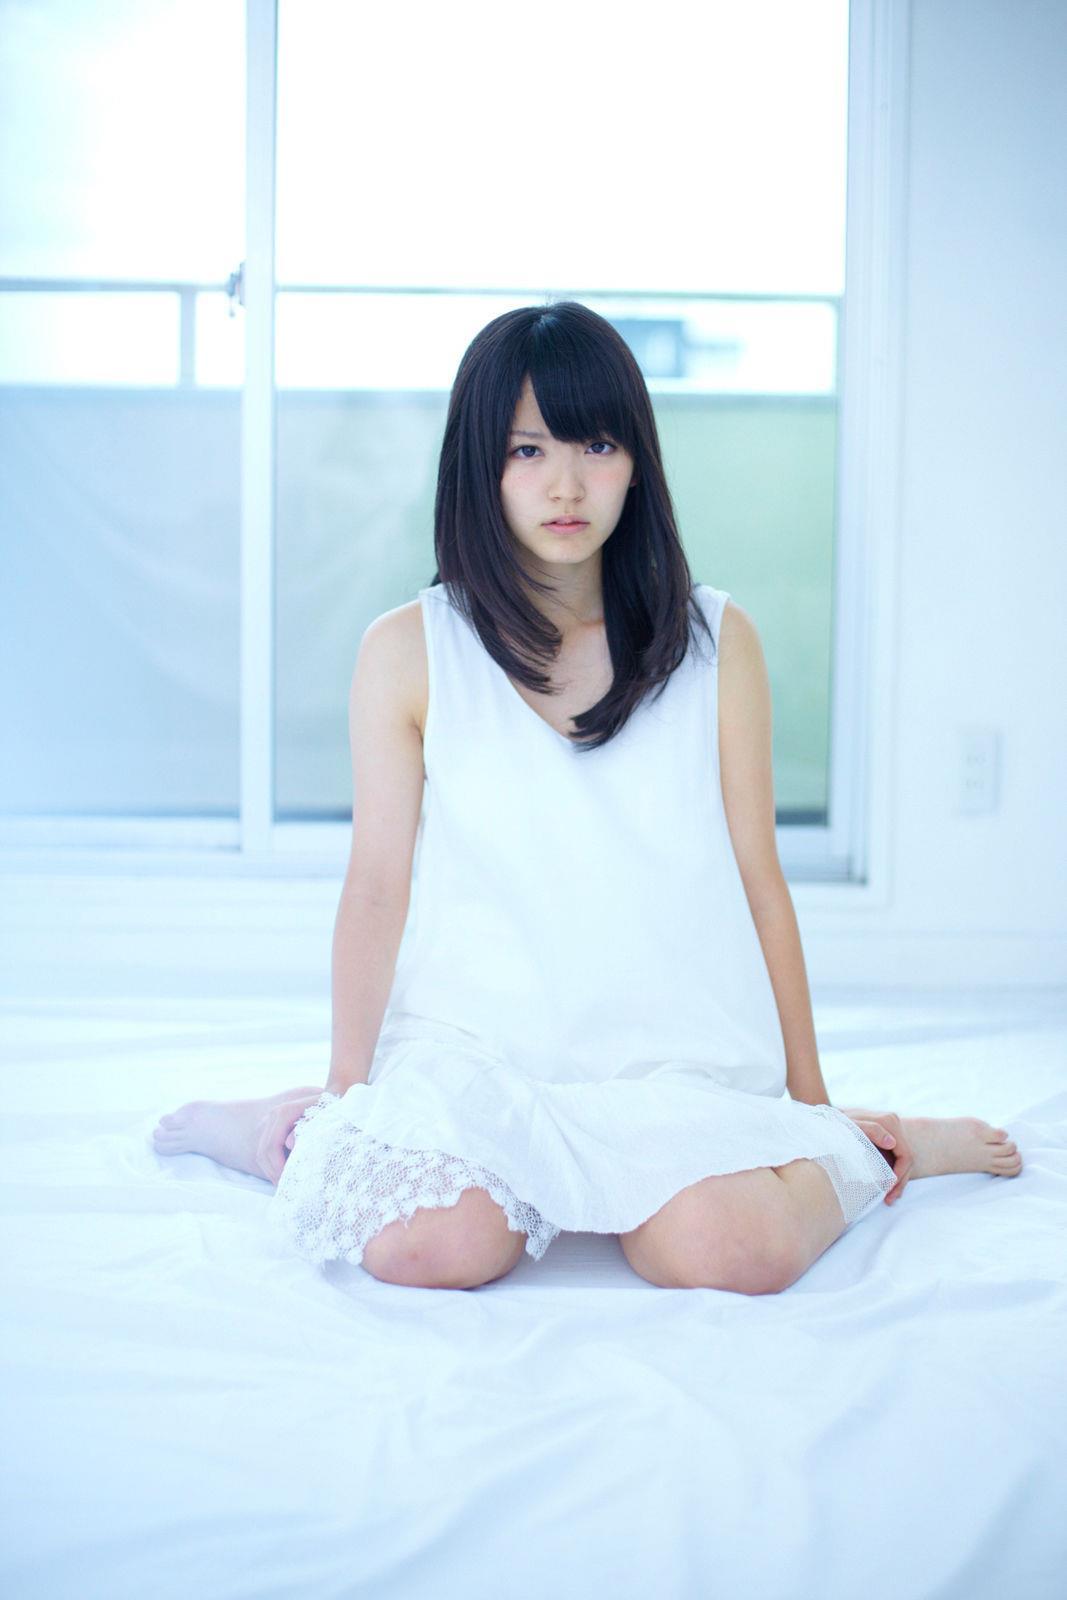 鈴木愛理(℃-ute) セクシー画像 33